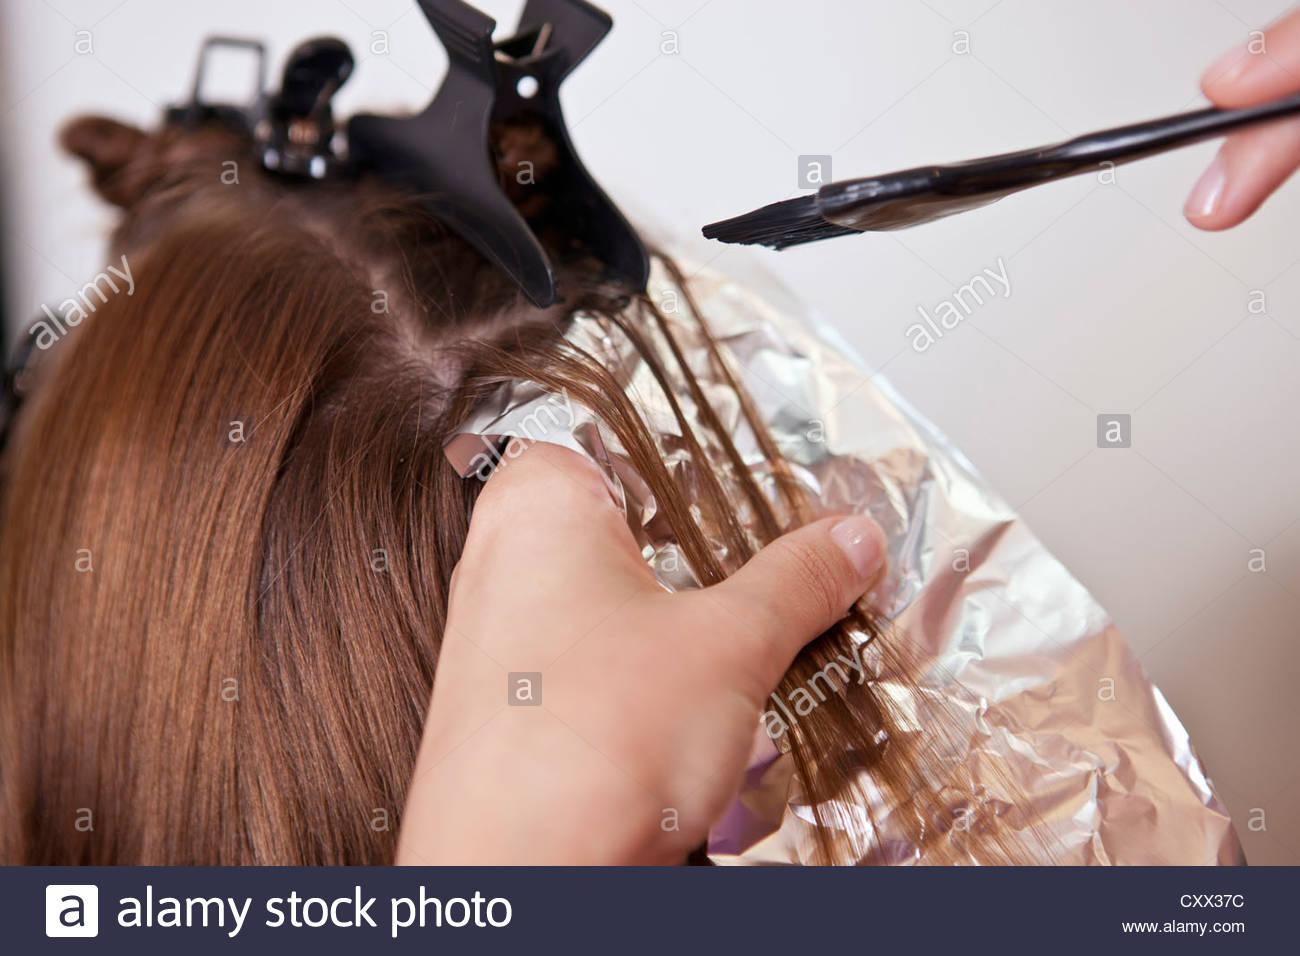 Ein weiblicher Kunden haben ihr Haar gefärbt in einen Friseursalon, Nahaufnahme Stockbild